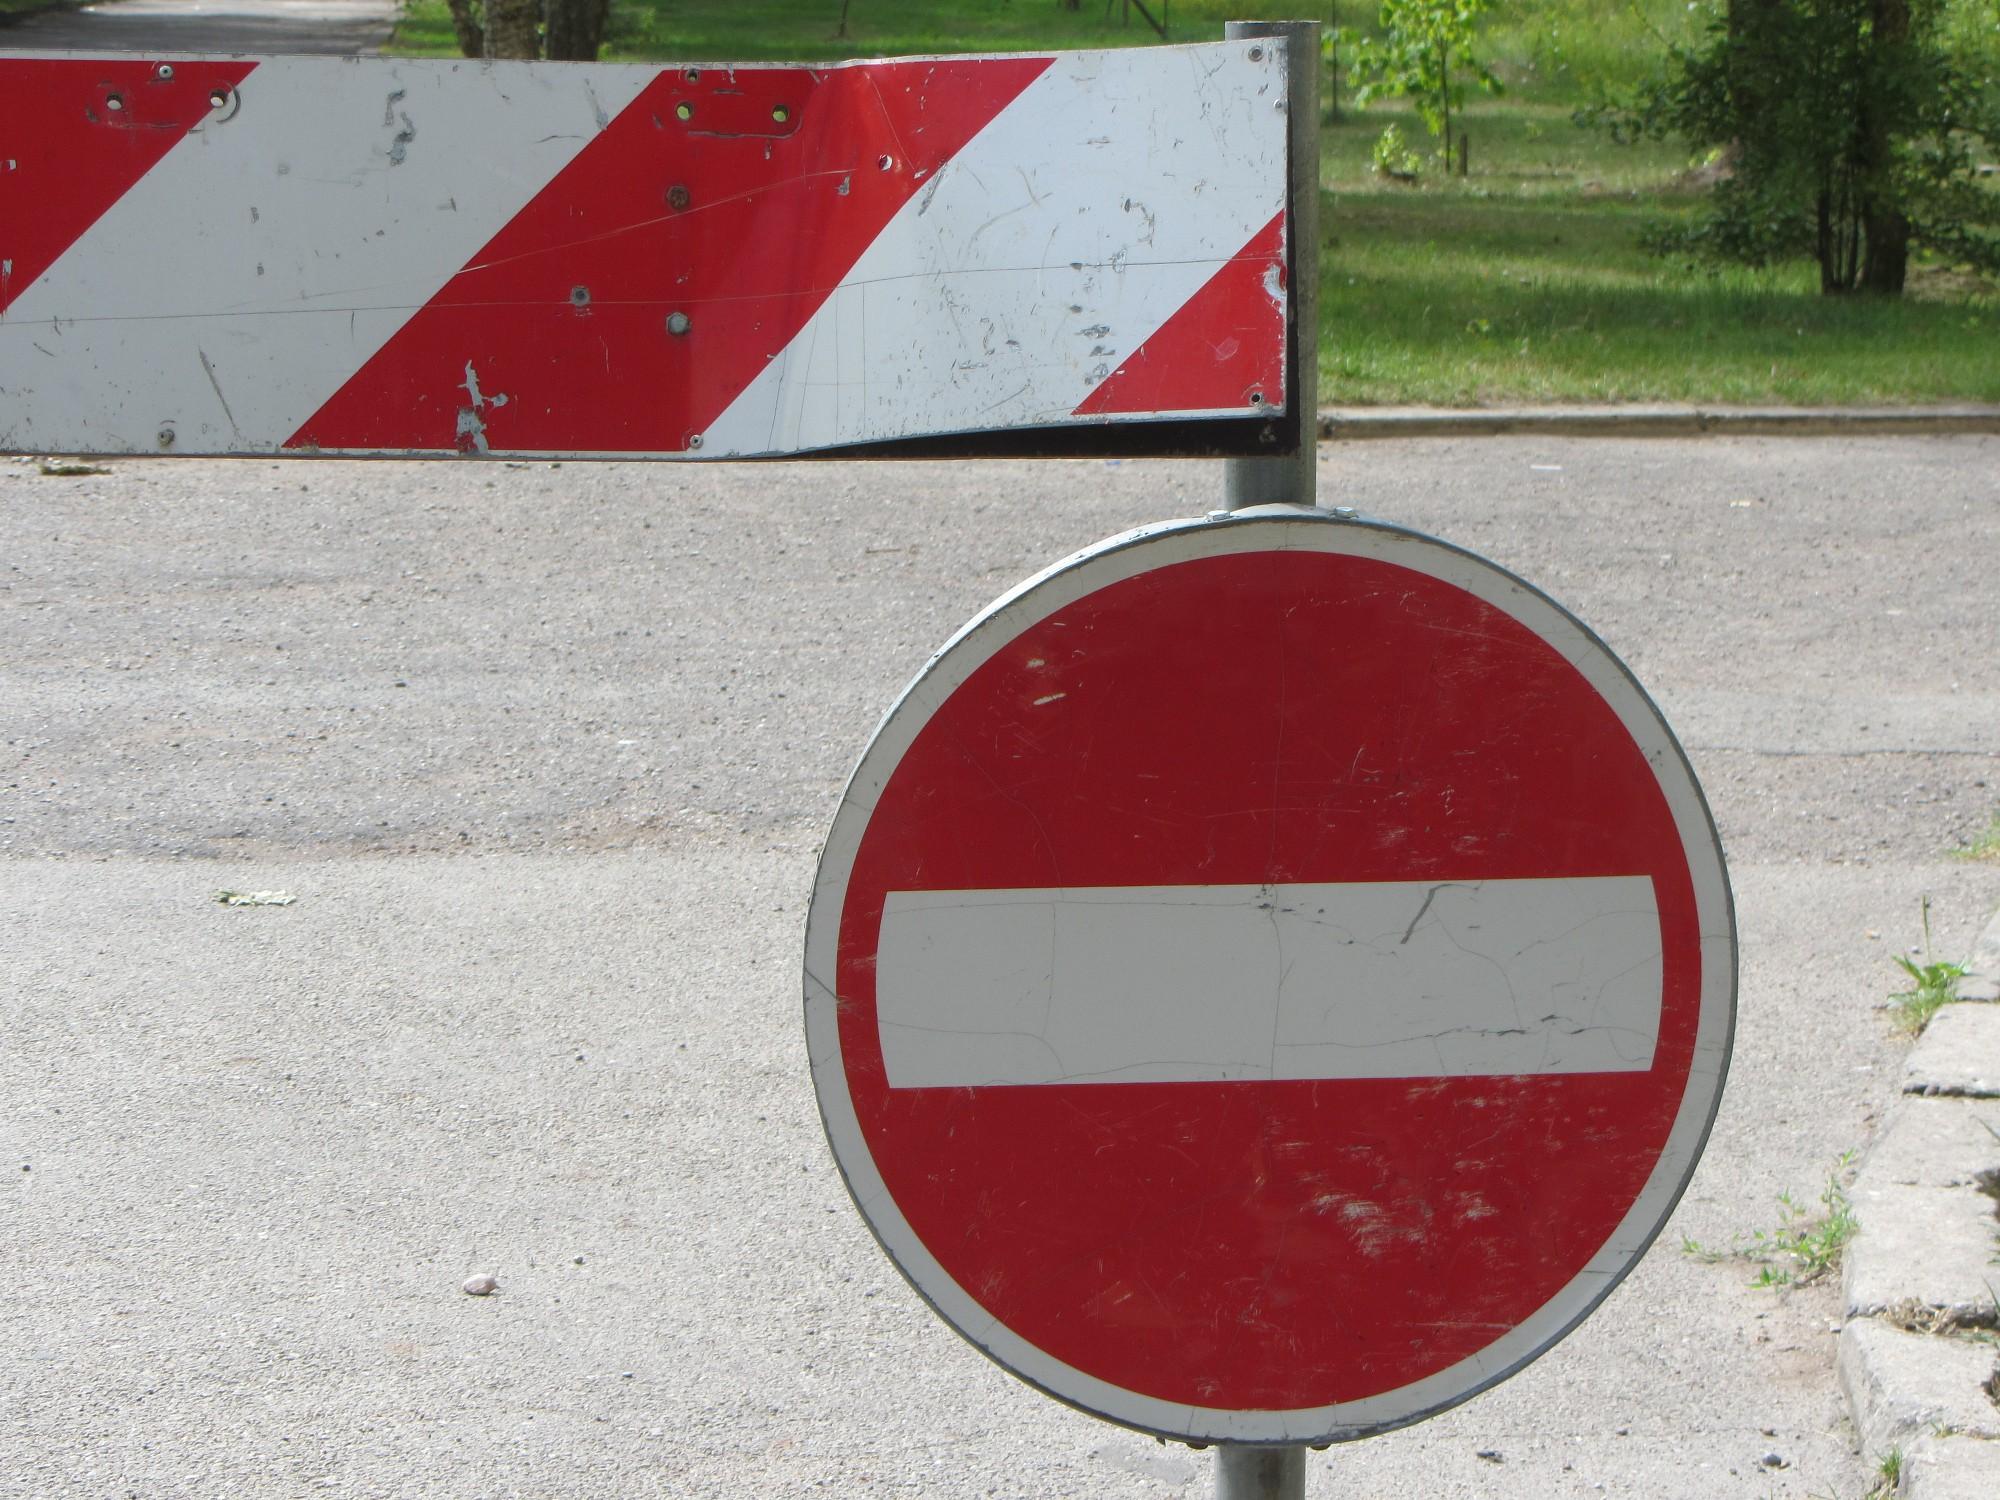 Naktīs gaidāmi satiksmes ierobežojumi Brīvības ielas posmā